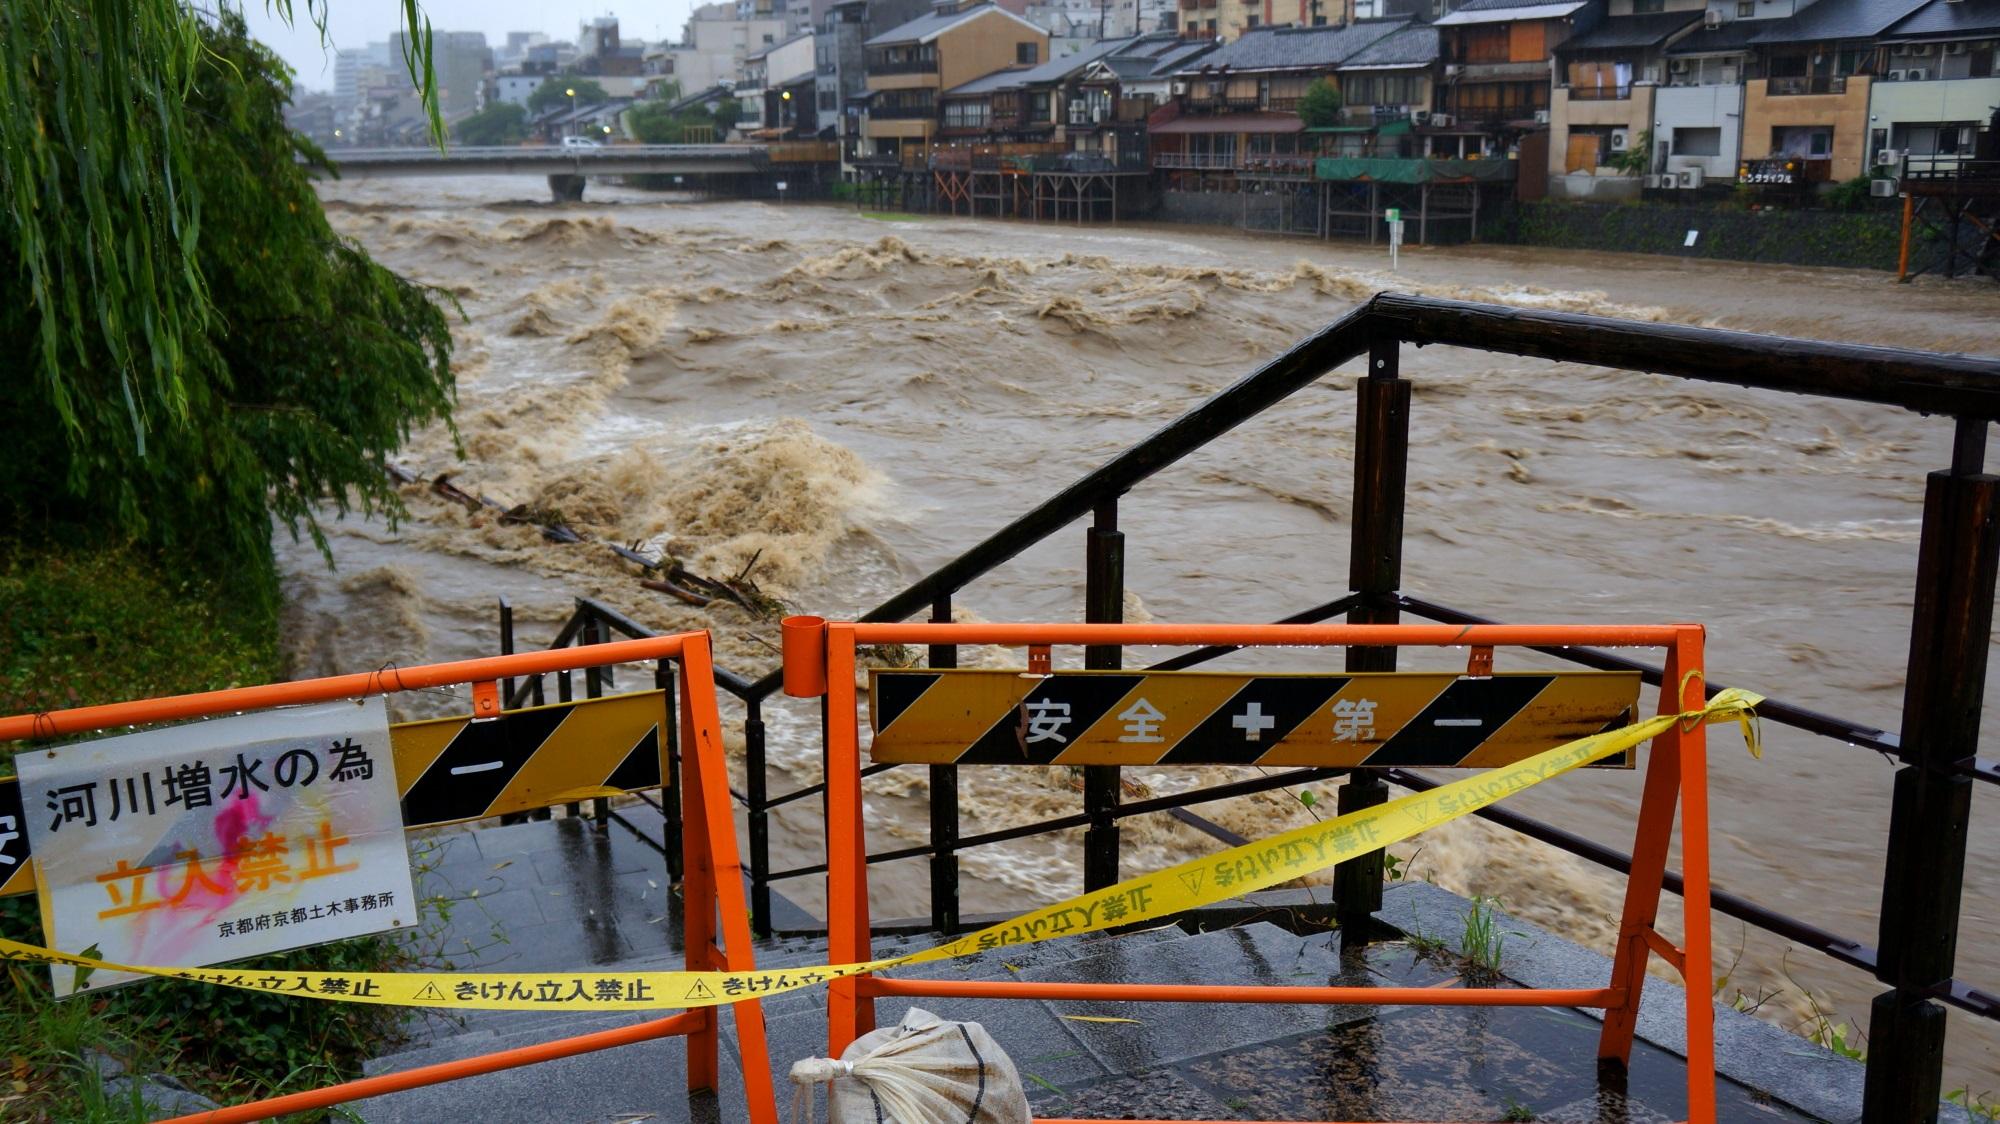 危険なため下りられなくなっている2015年の台風の大雨で増水した鴨川